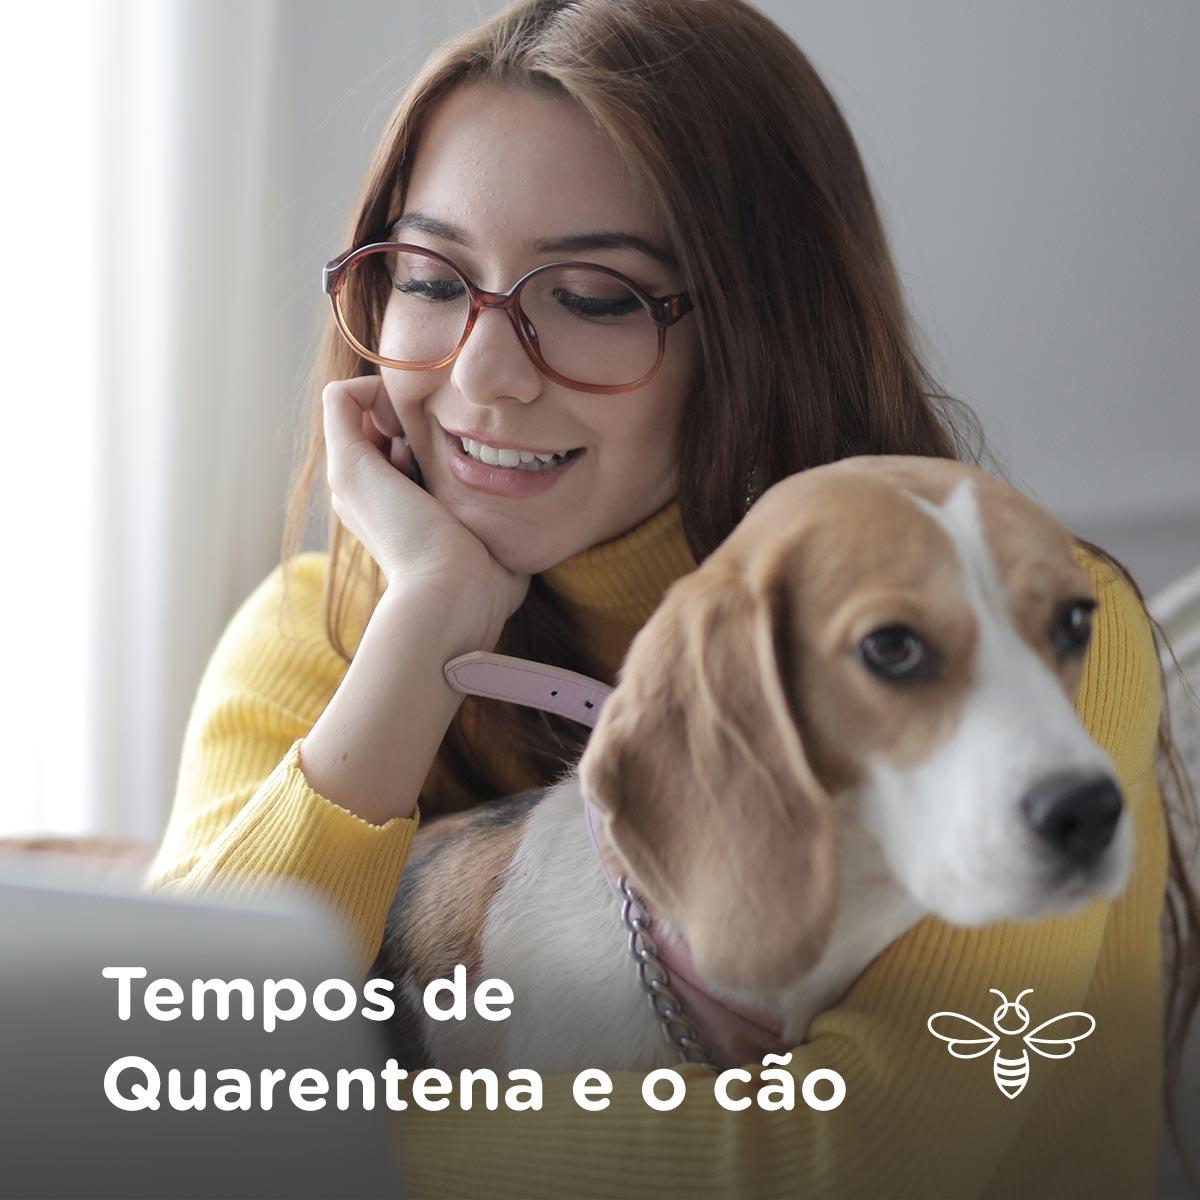 Tempos de Quarentena e o Cão